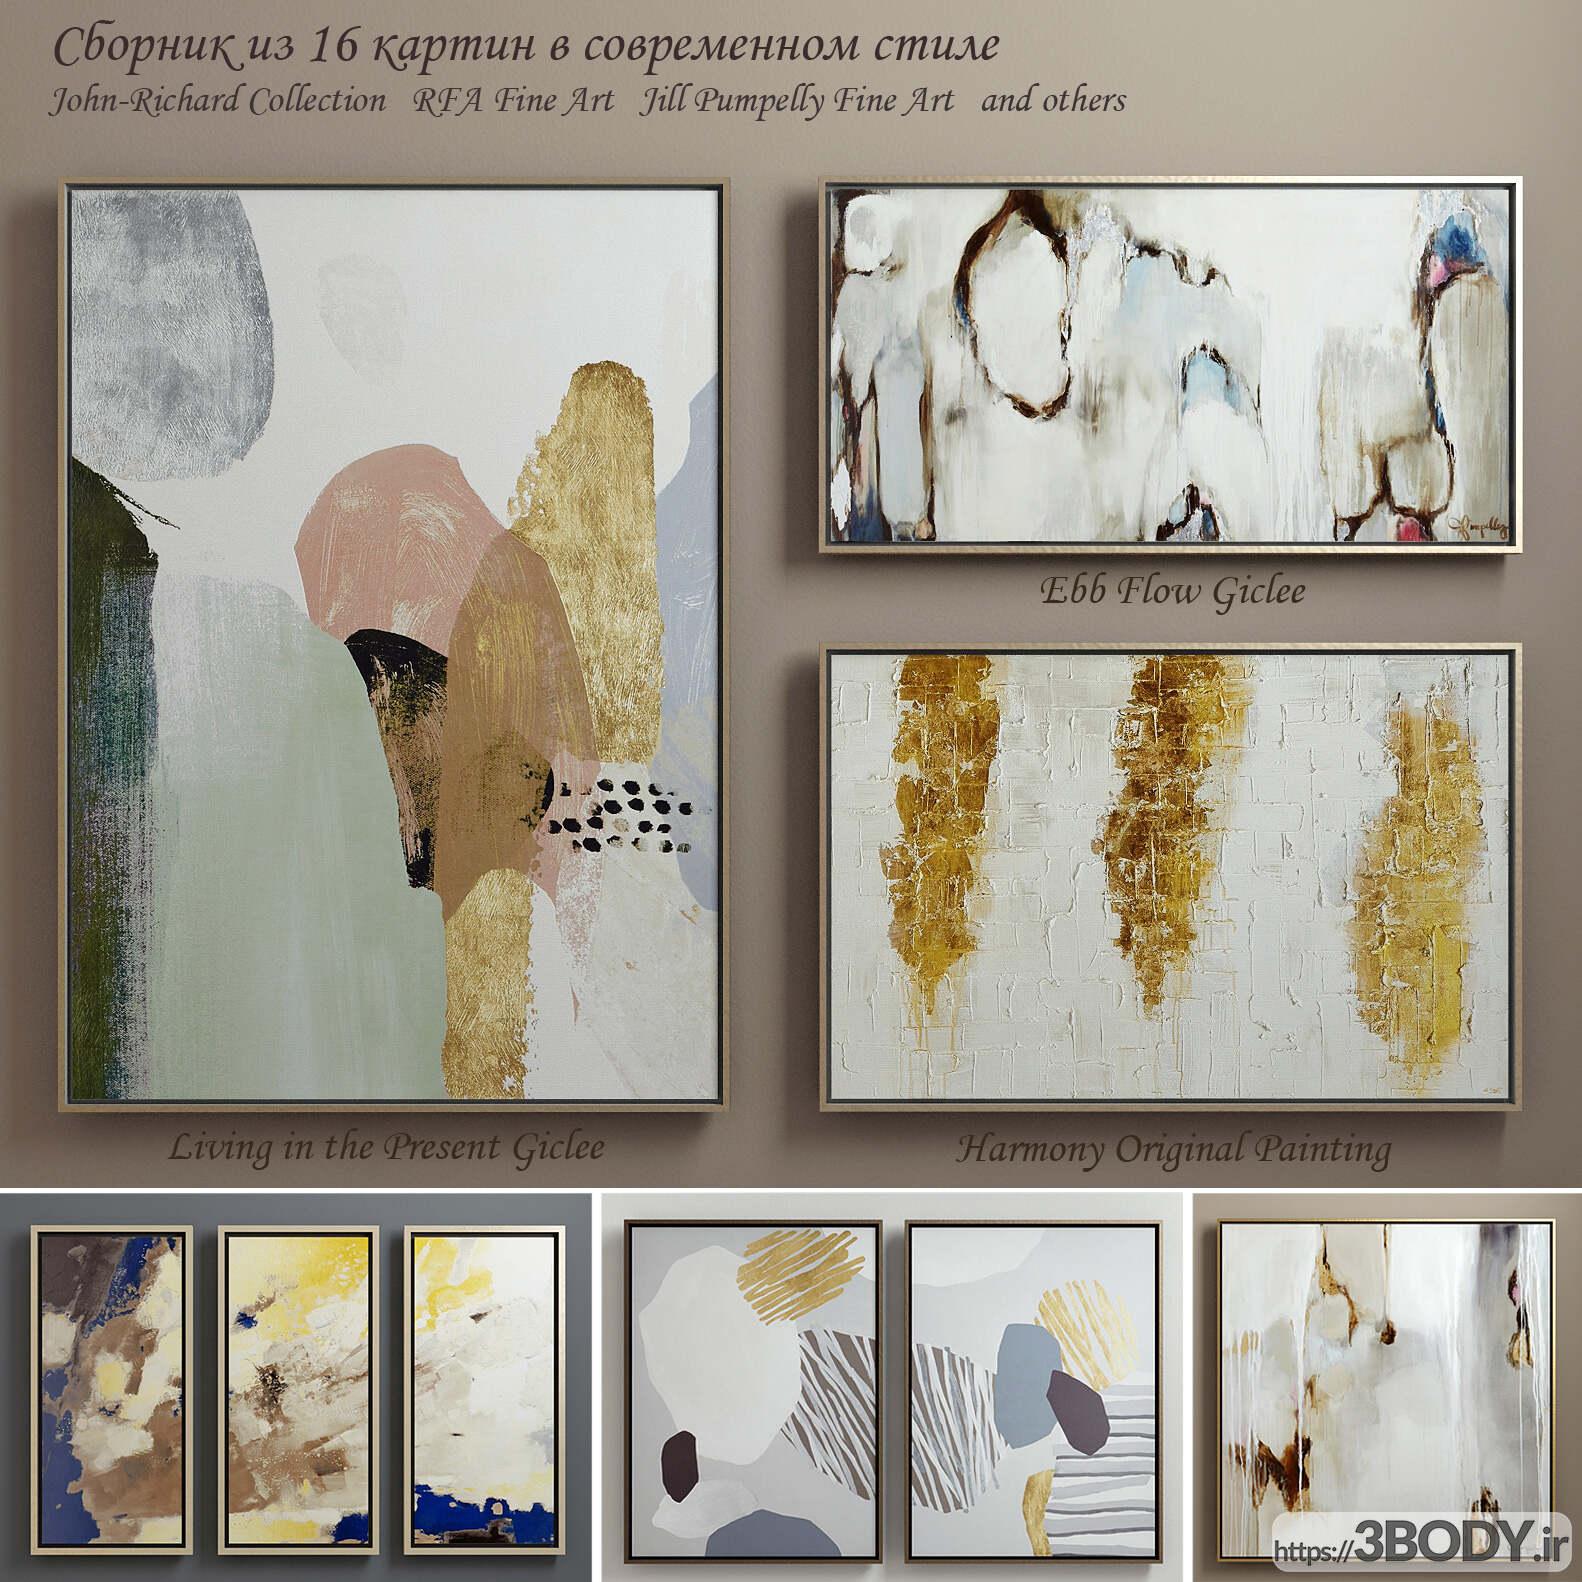 آبجکت سه بعدی مجموعه نقاشی های معاصر عکس 1